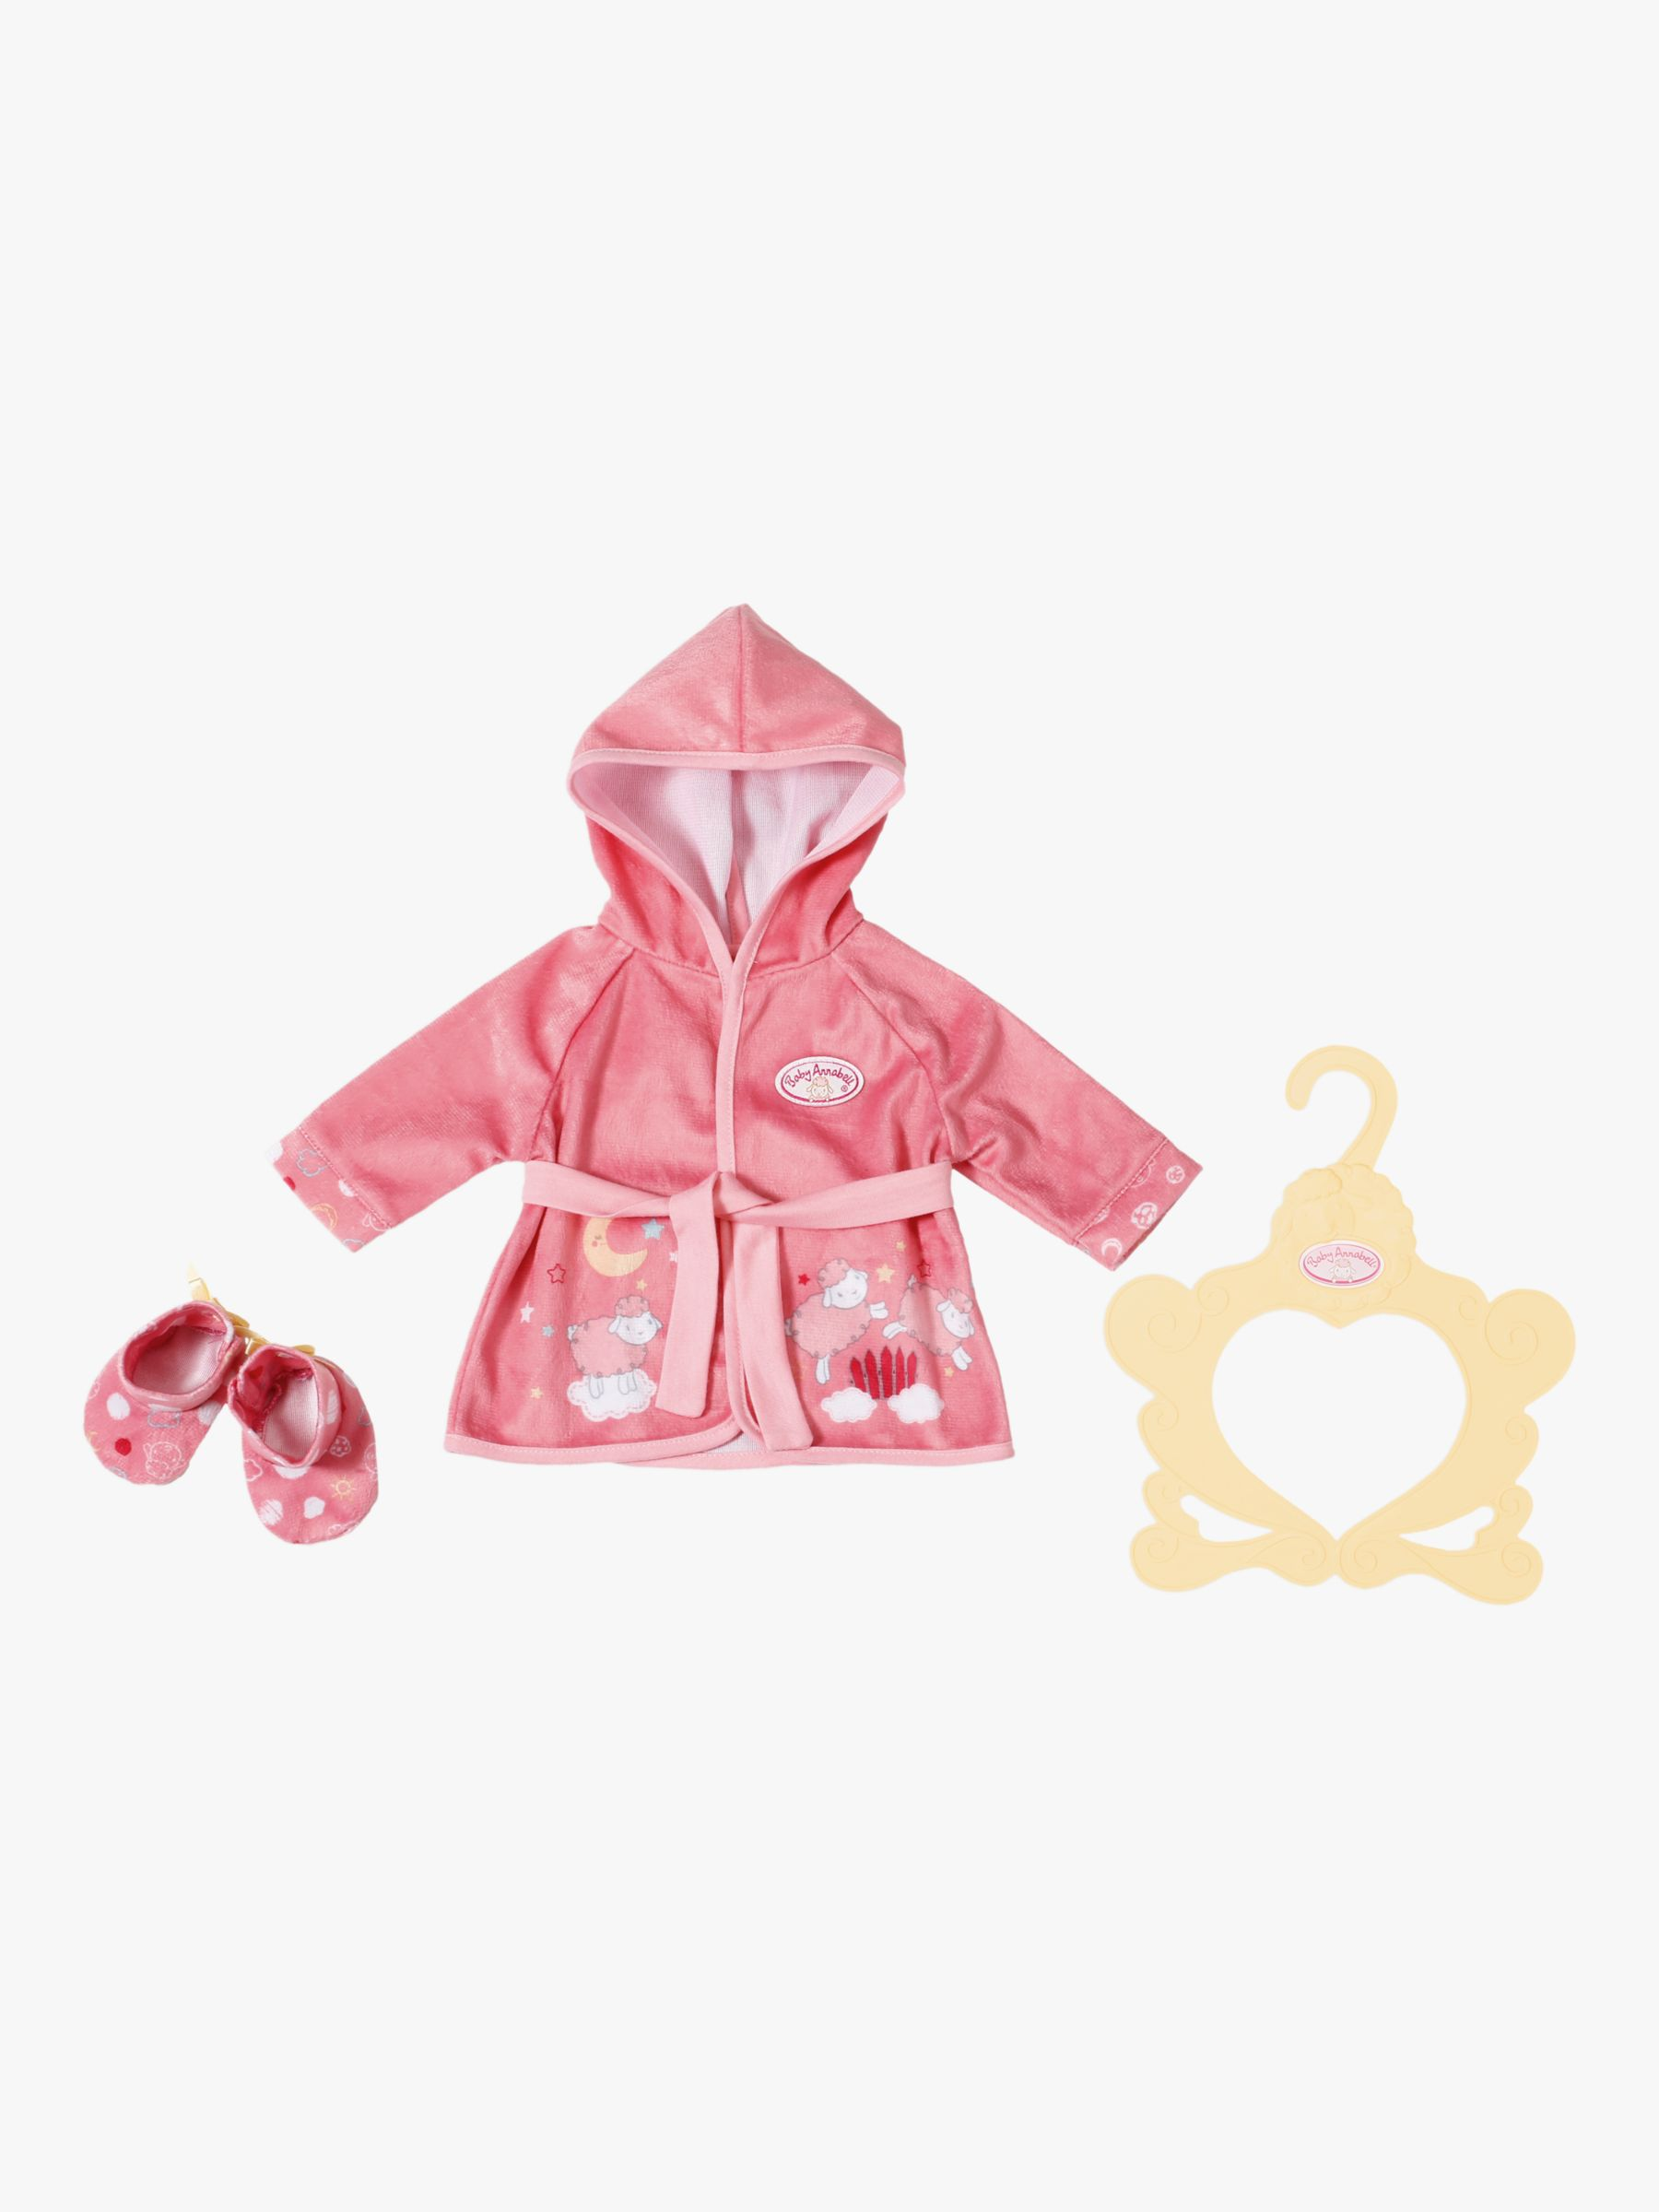 Zapf Zapf Baby Annabell Dreams Robe Set